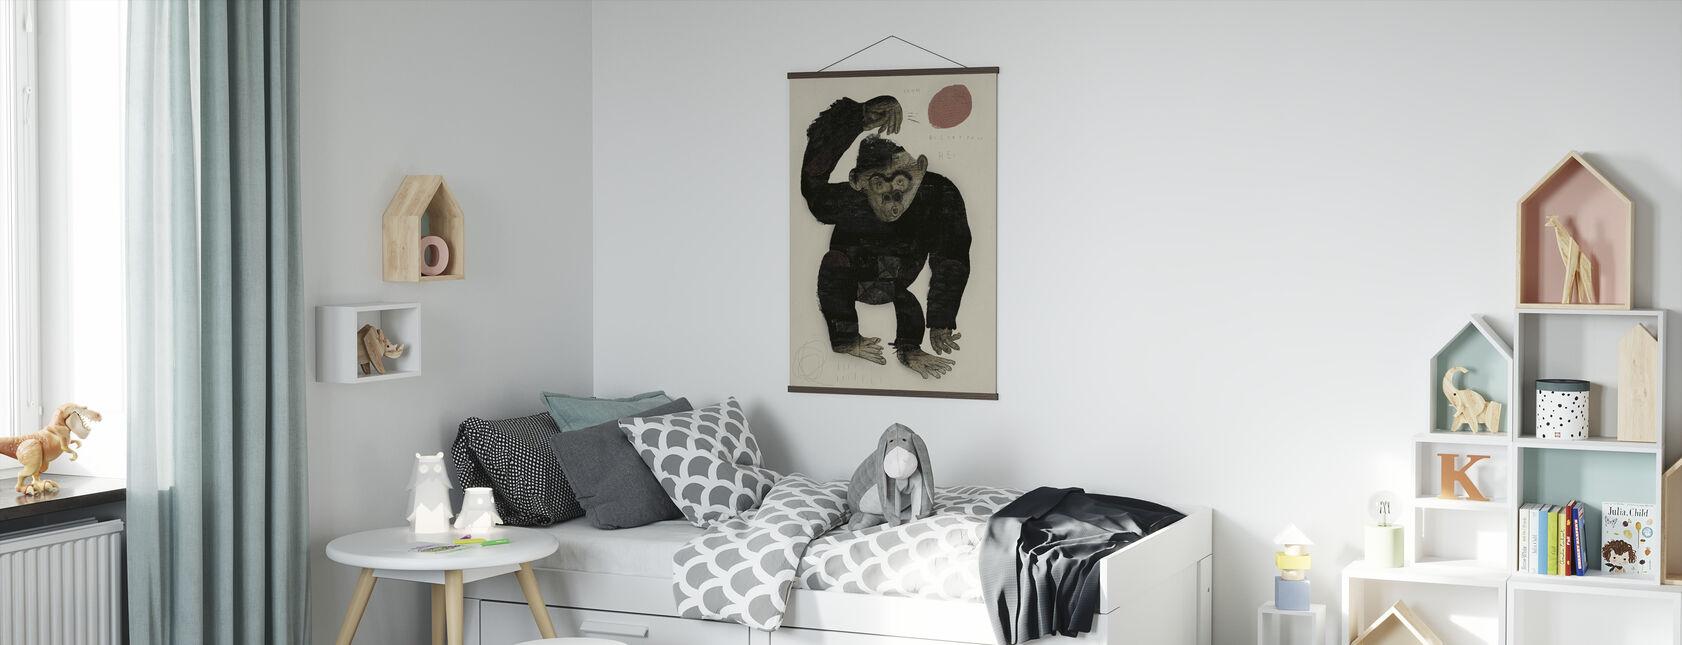 Affe Basketball - Poster - Kinderzimmer